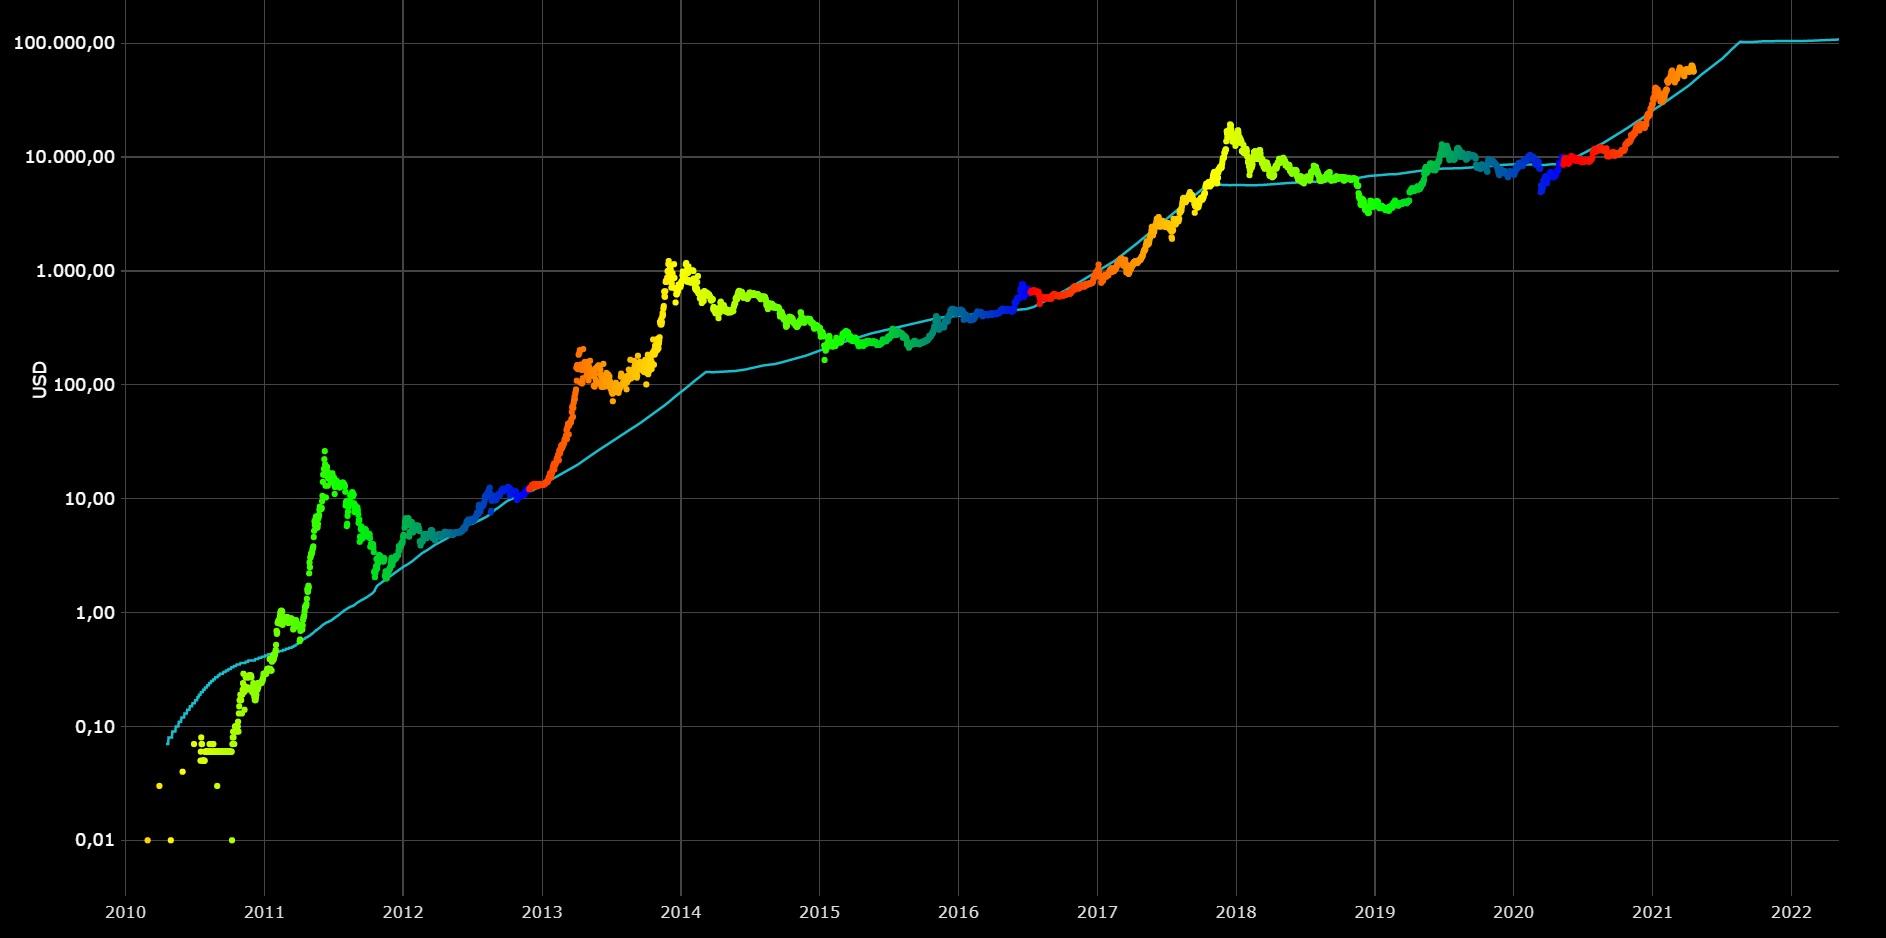 Расчётные цены Биткоина по модели S2F